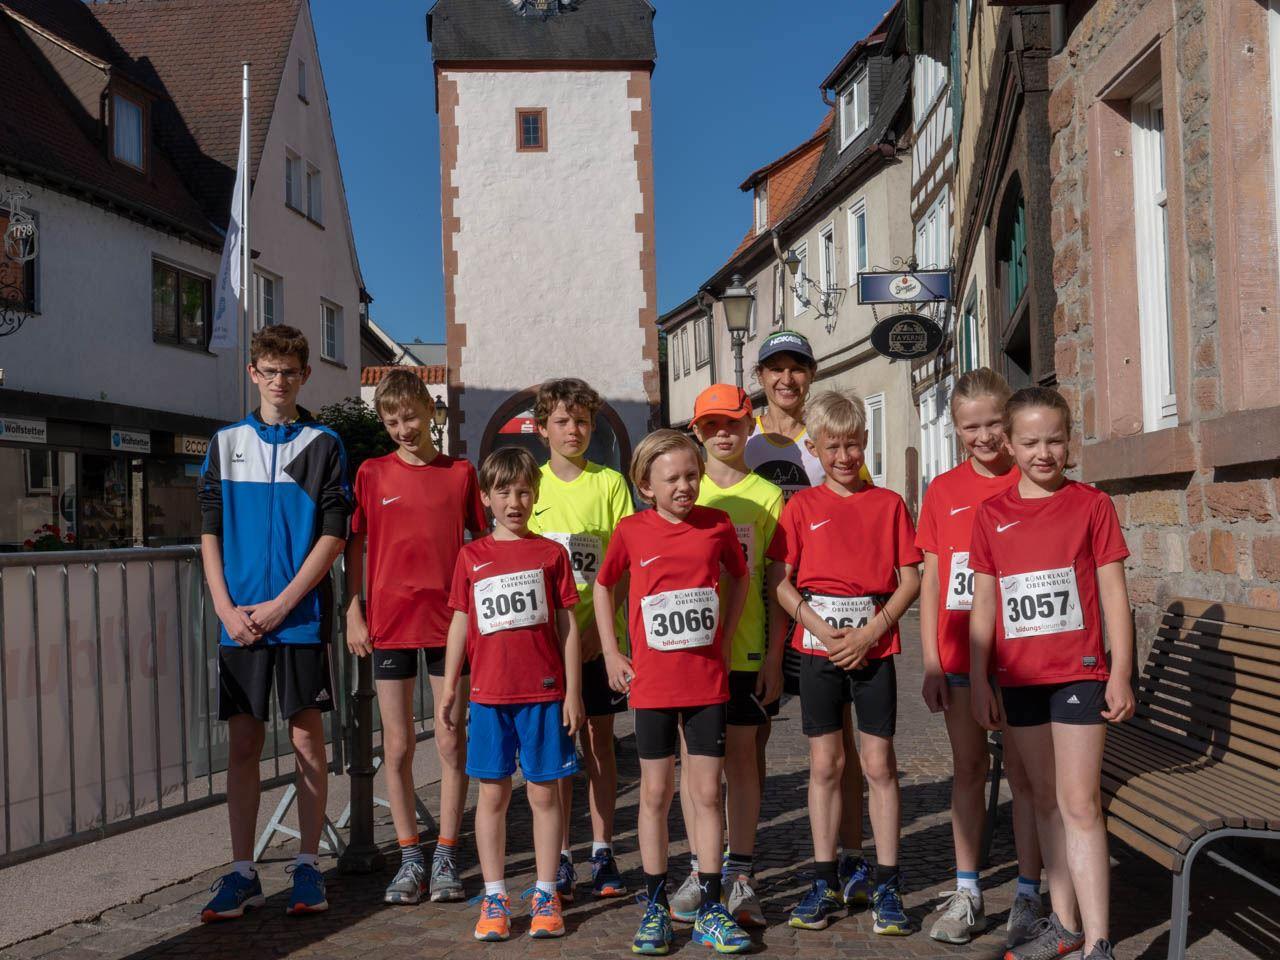 TV Schweinheim Leichtathletik beim Römerlauf in Obernburg 2019